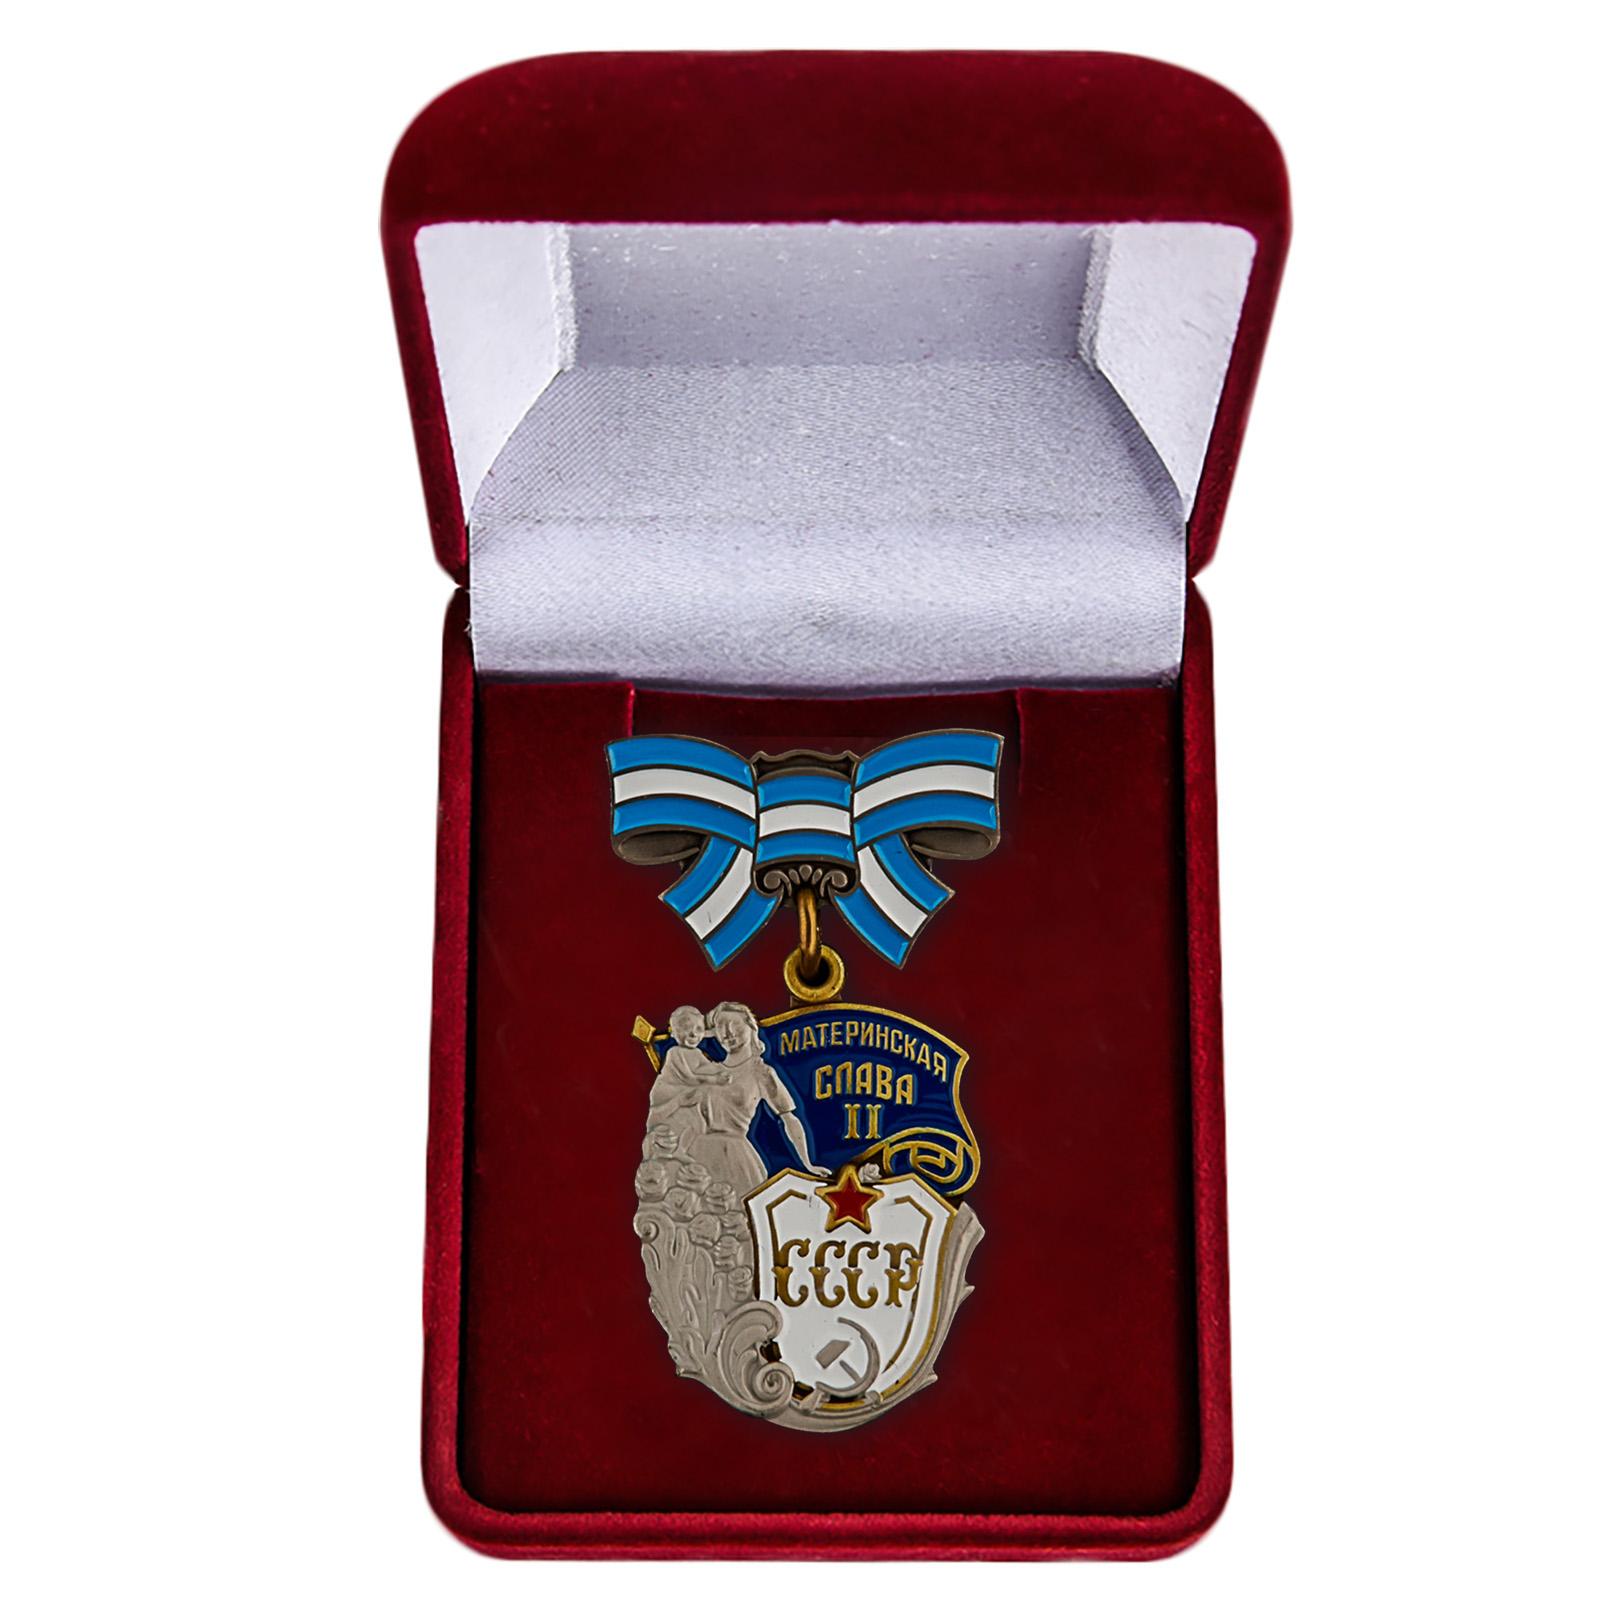 Орден Материнской славы СССР - качественная реплика